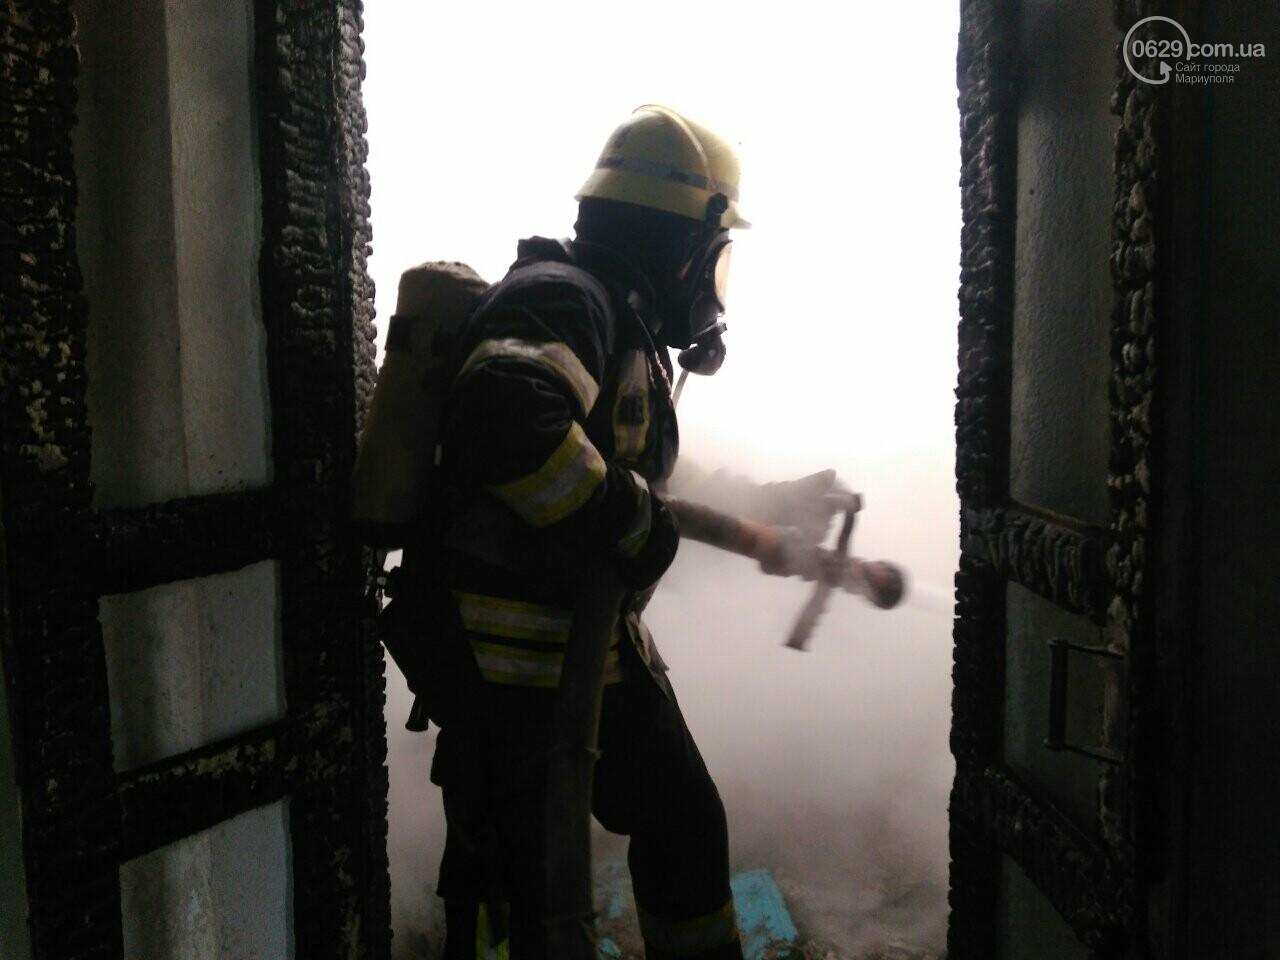 В прифронтовом Гранитном из огня спасли пенсионера, - ФОТО, фото-1